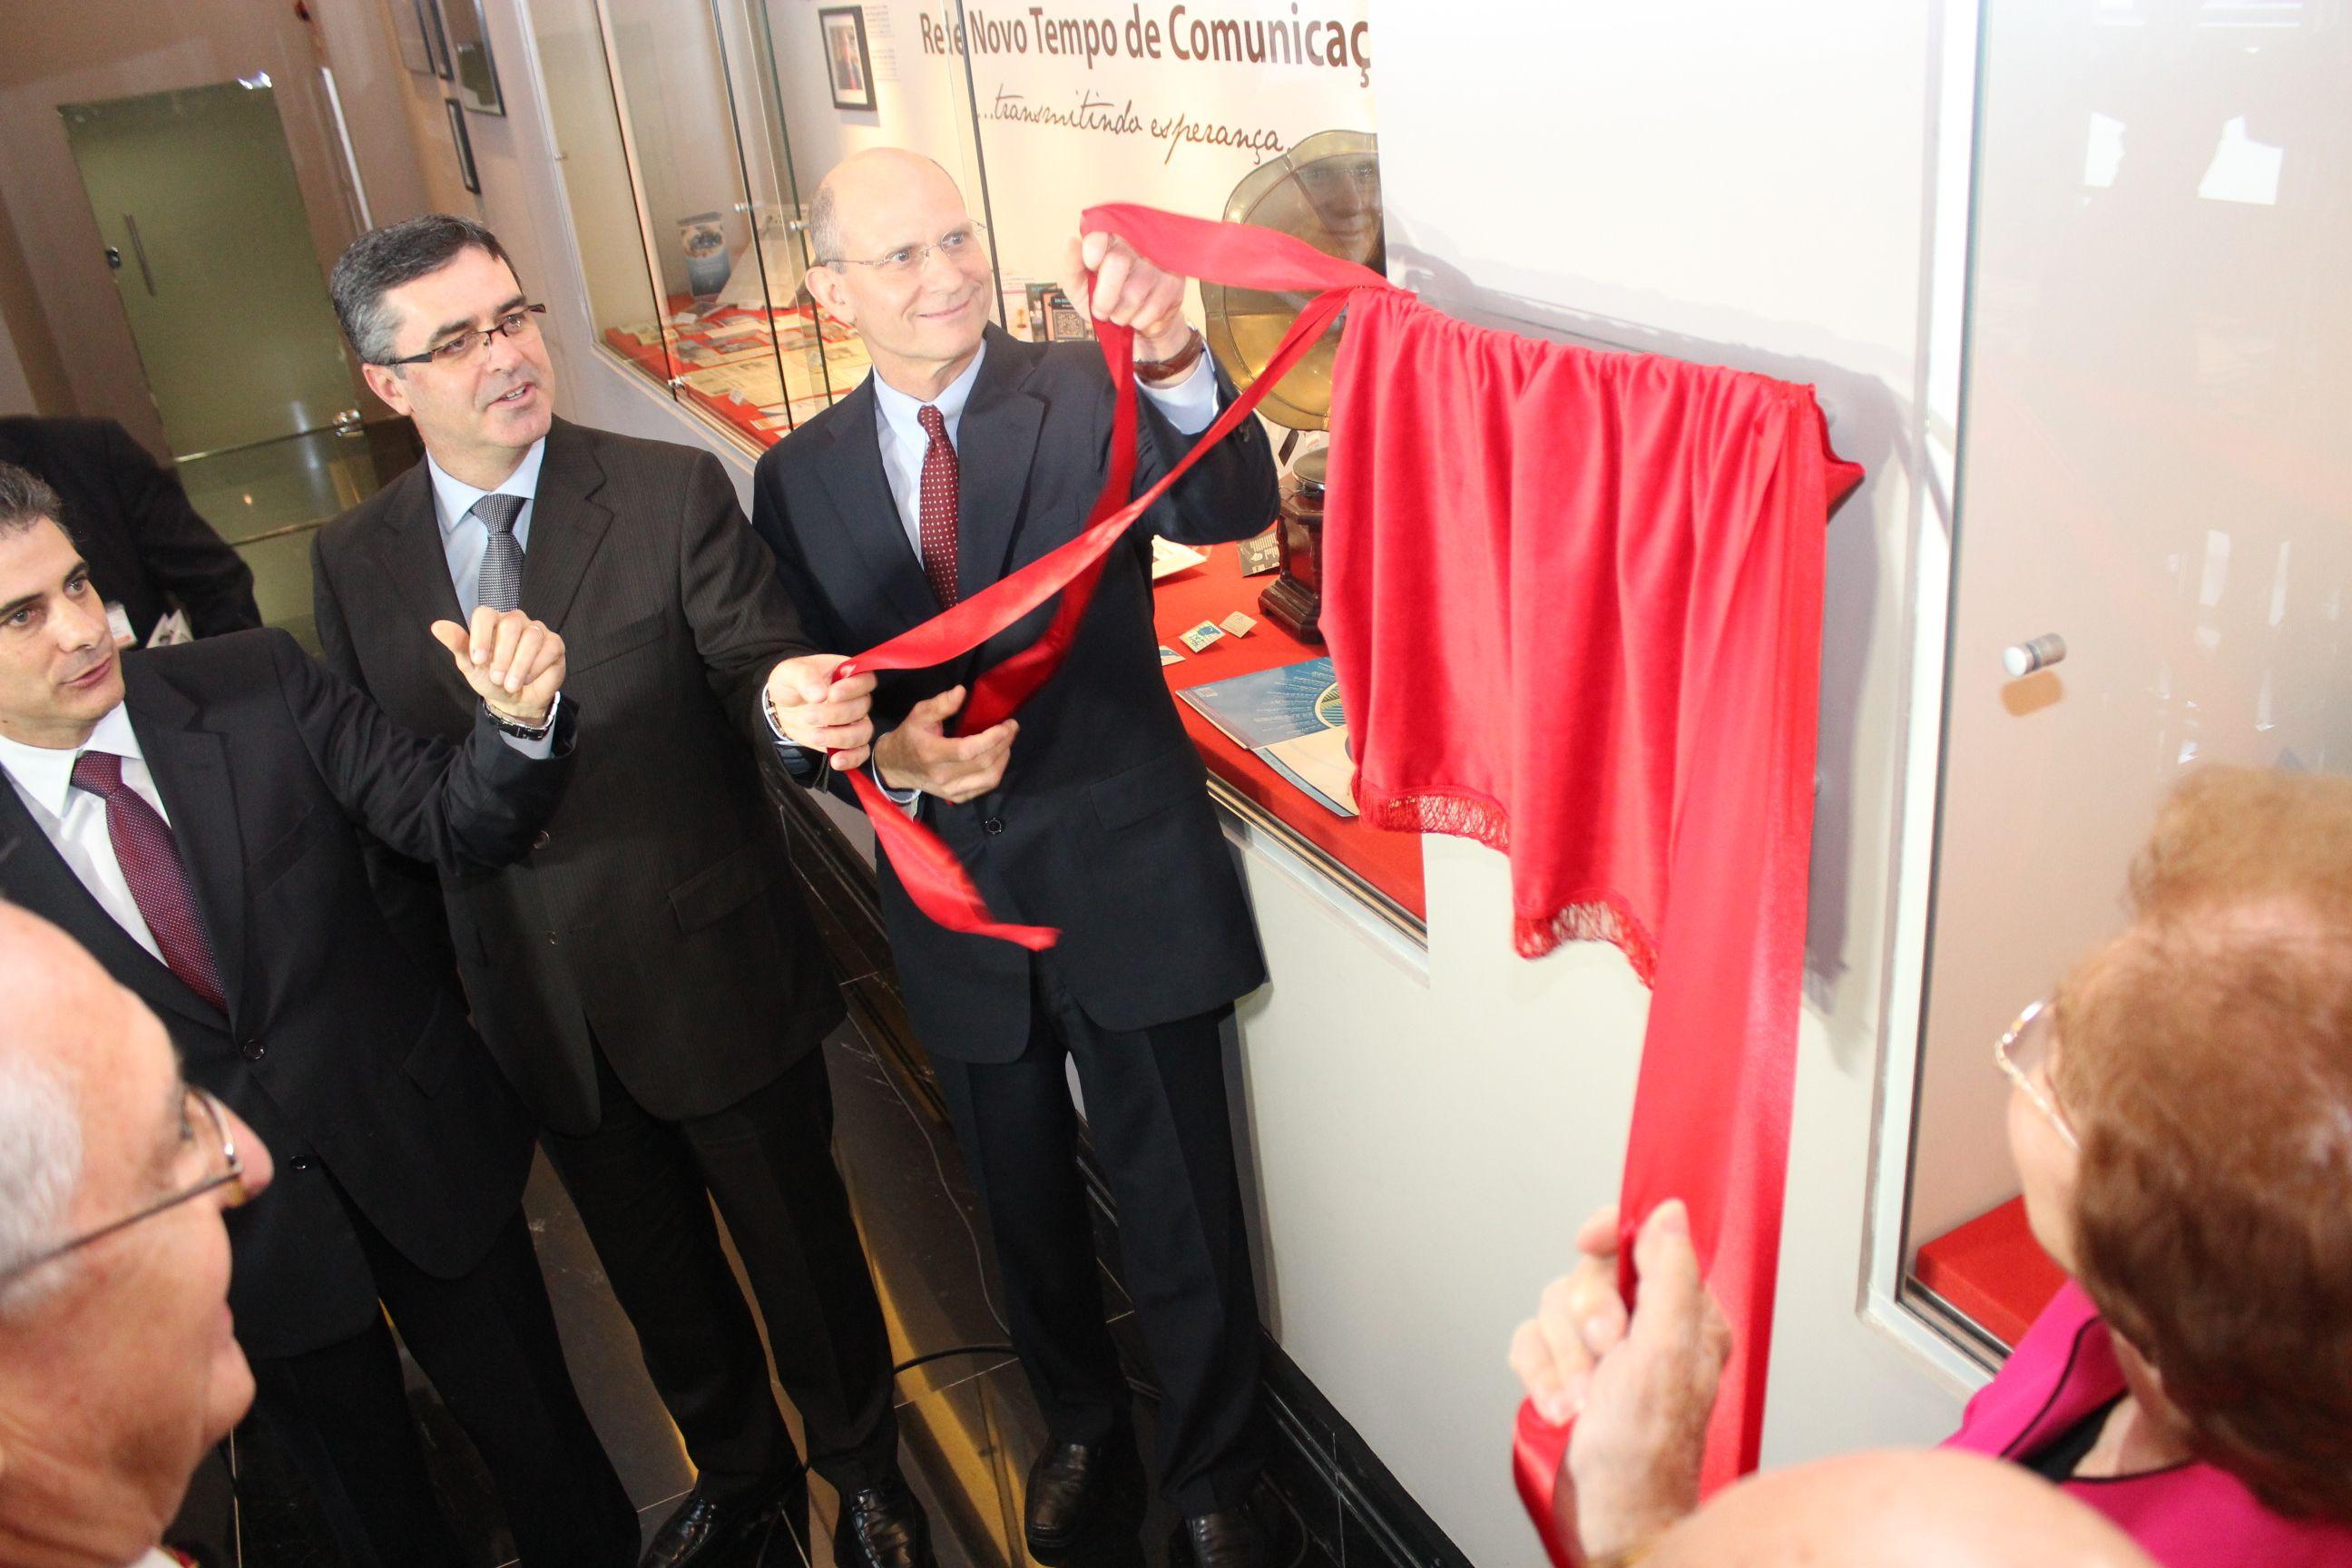 Descerramento da placa de inauguração do Museu Roberto Rabello.